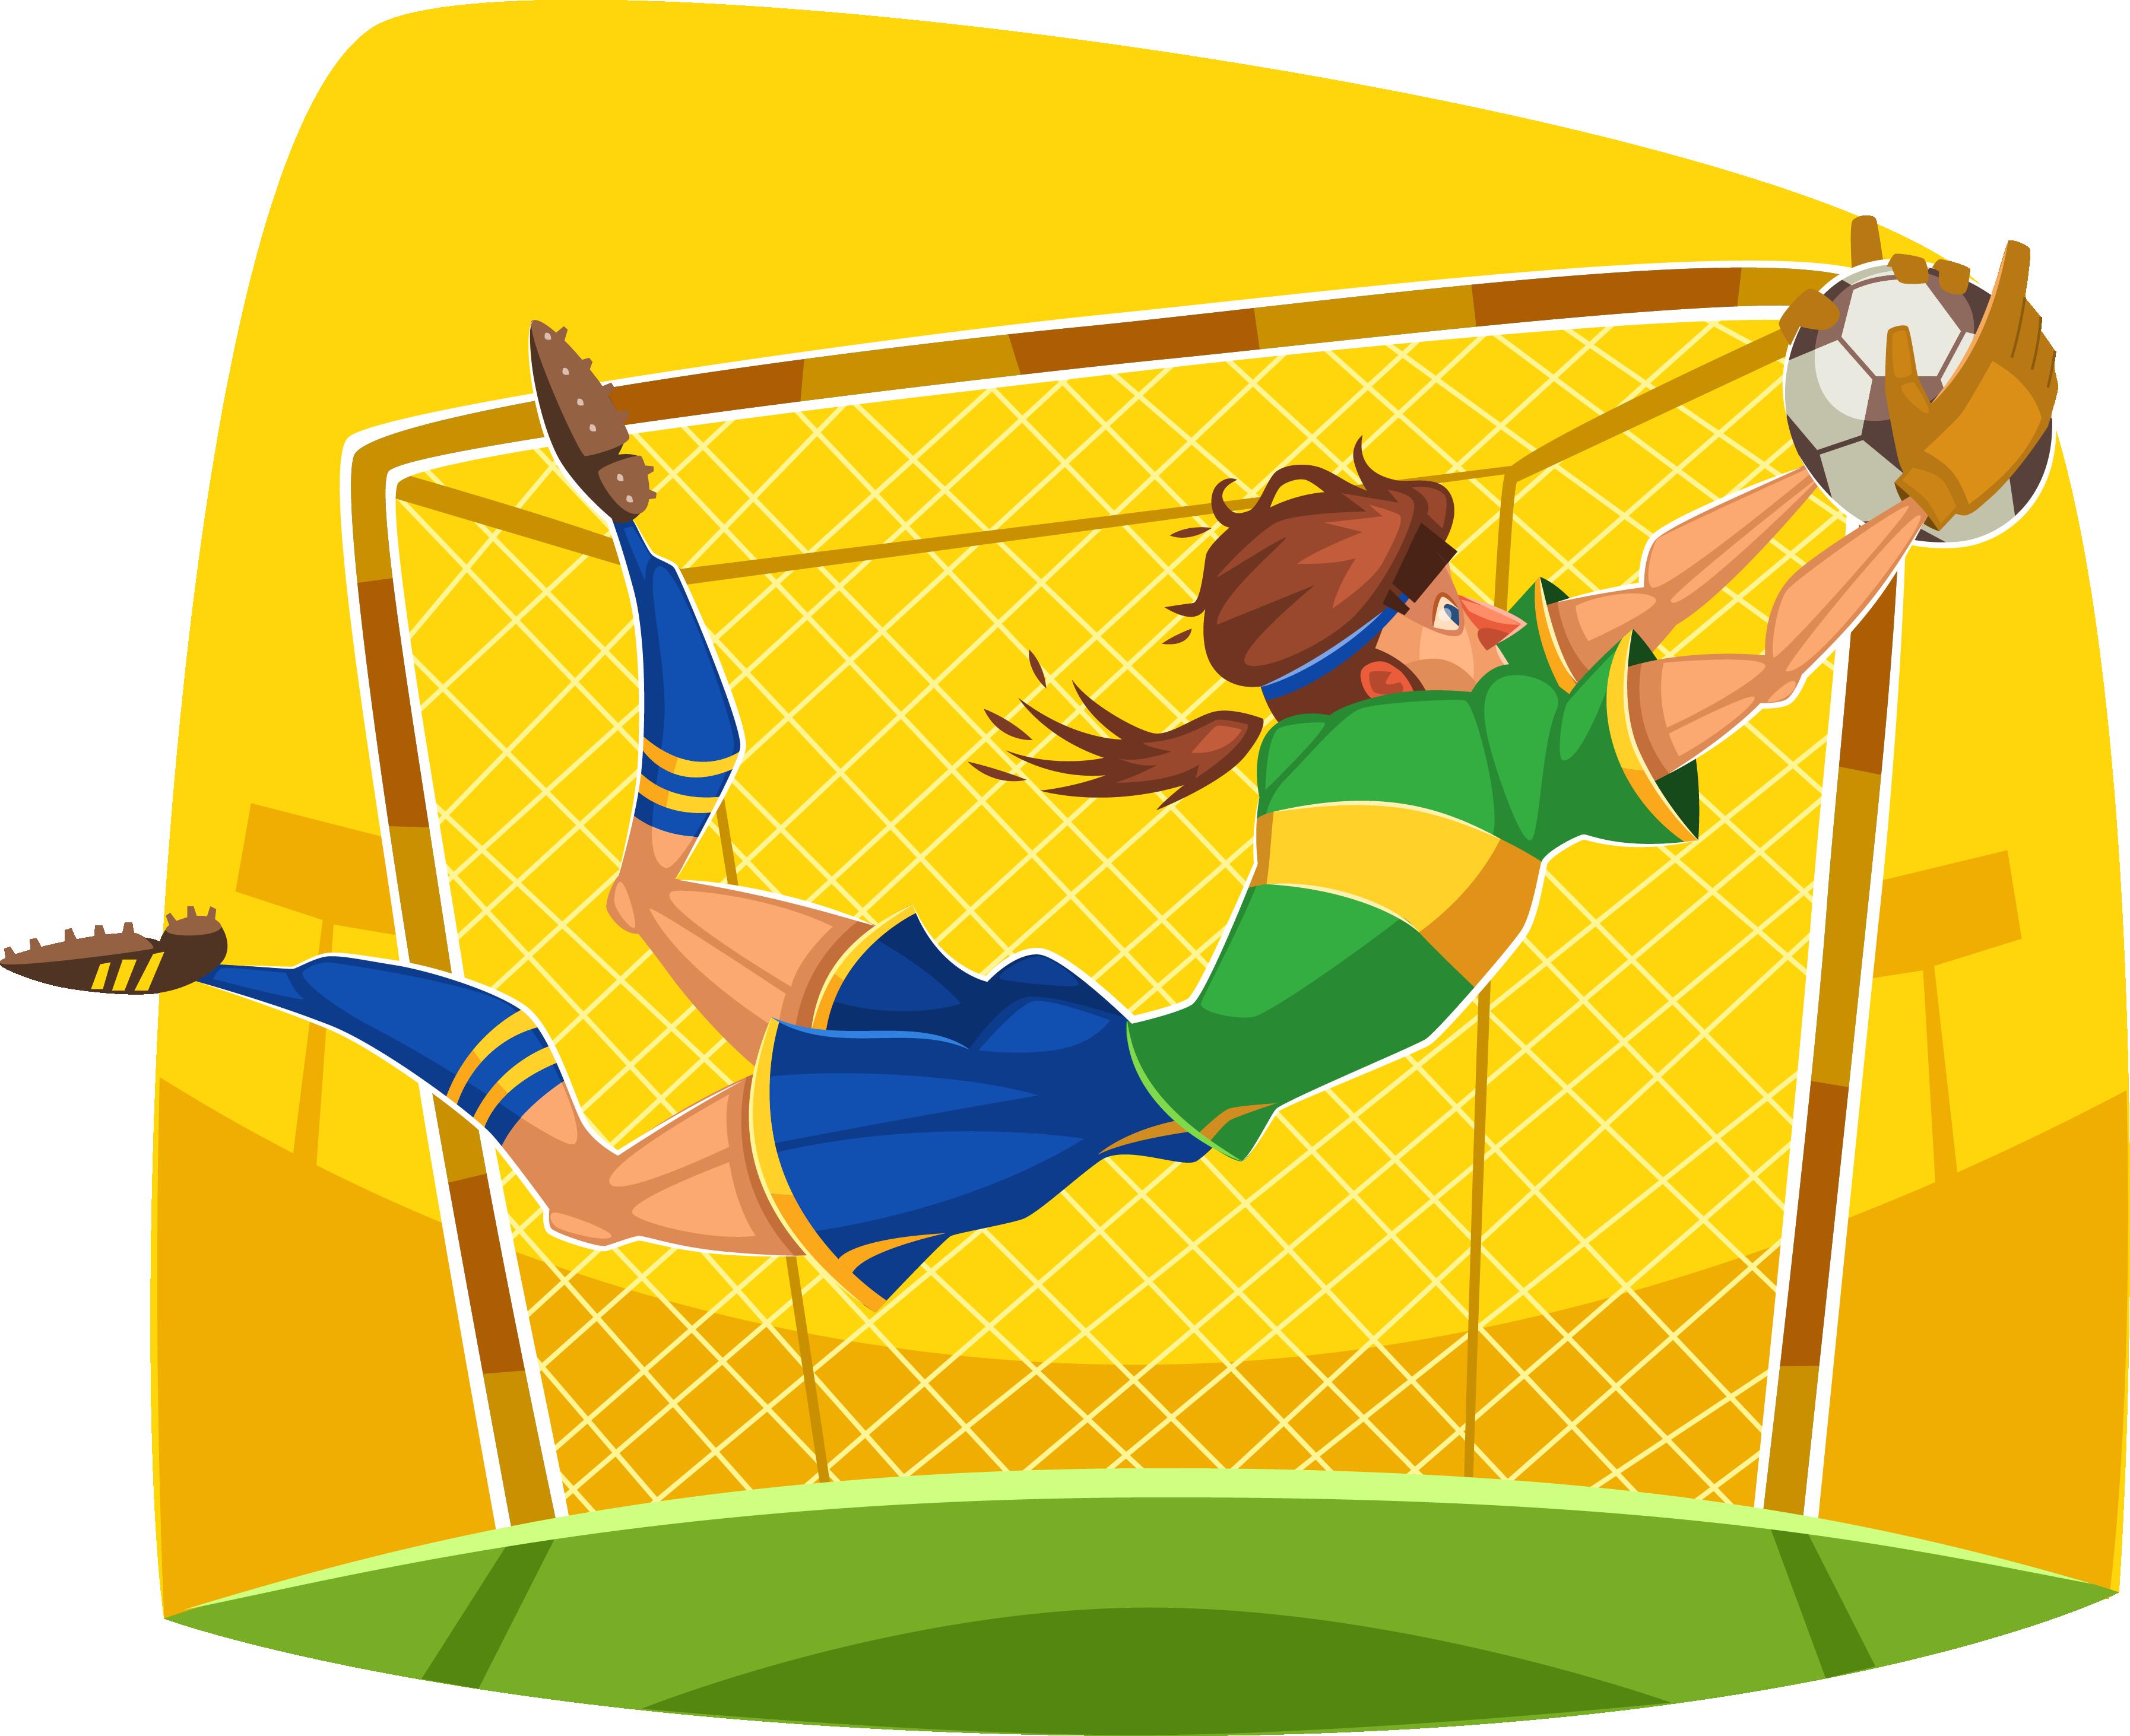 Football field background clipart. Cartoon sport clip art